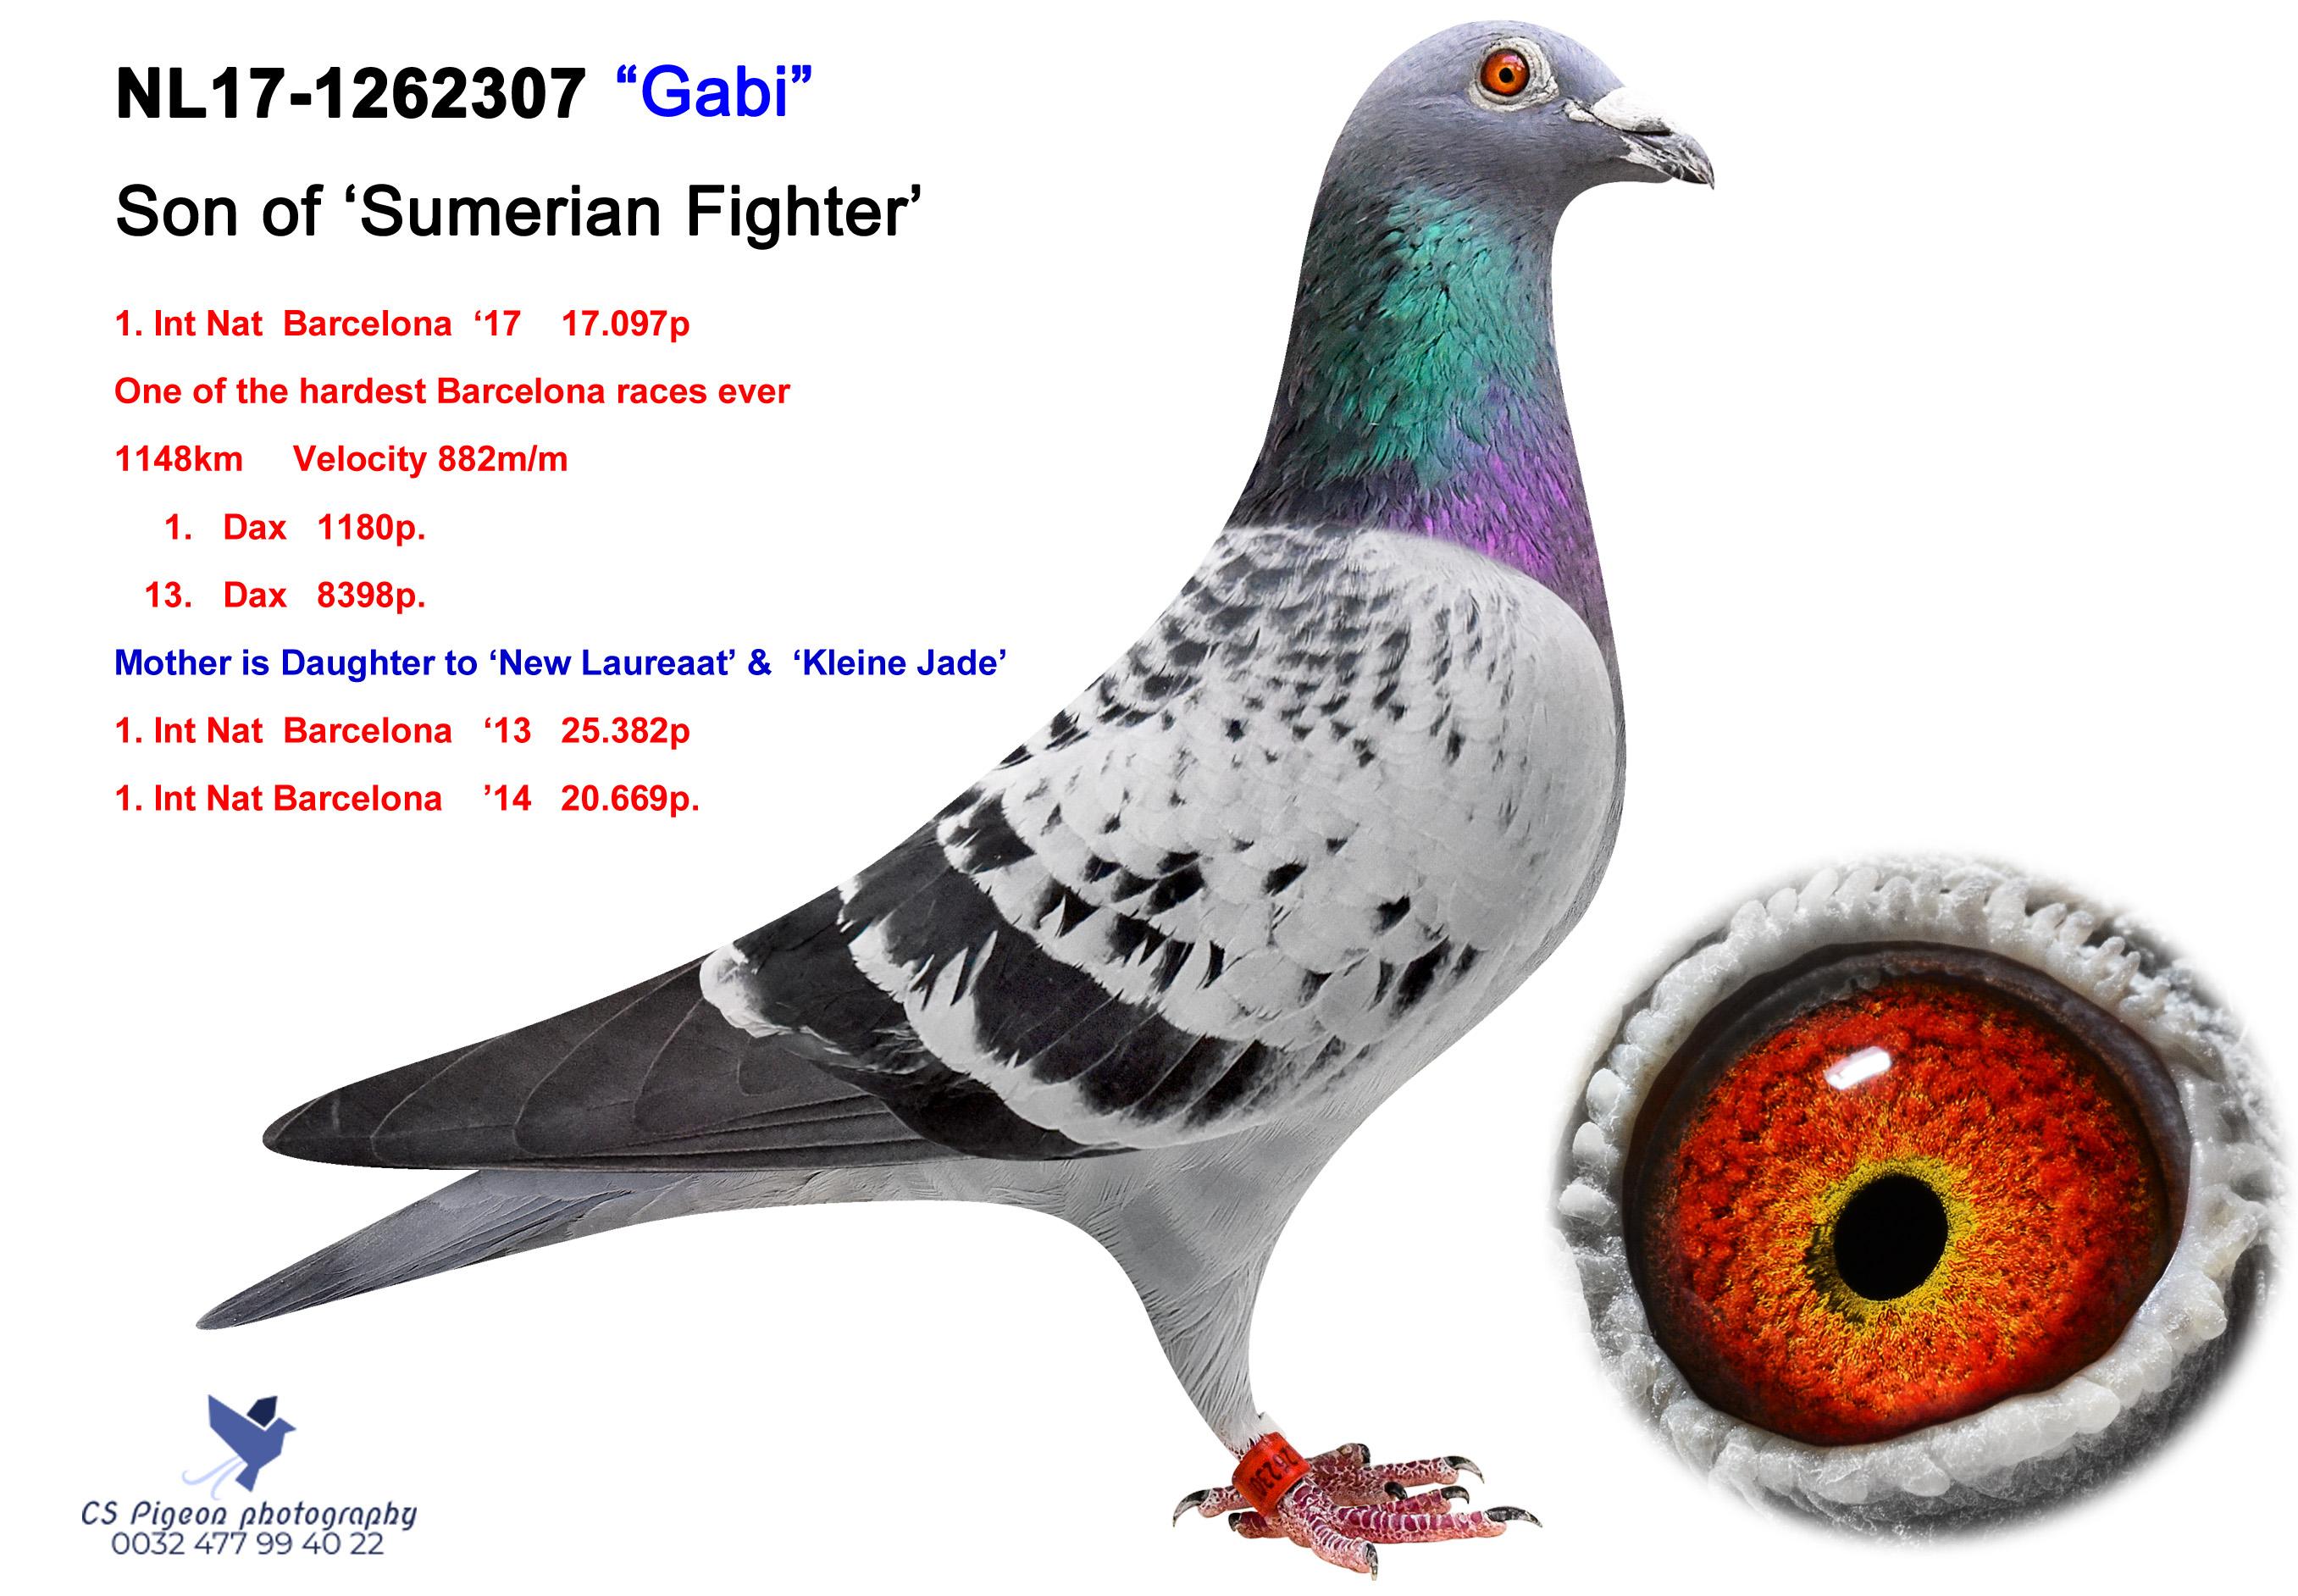 'GABI'